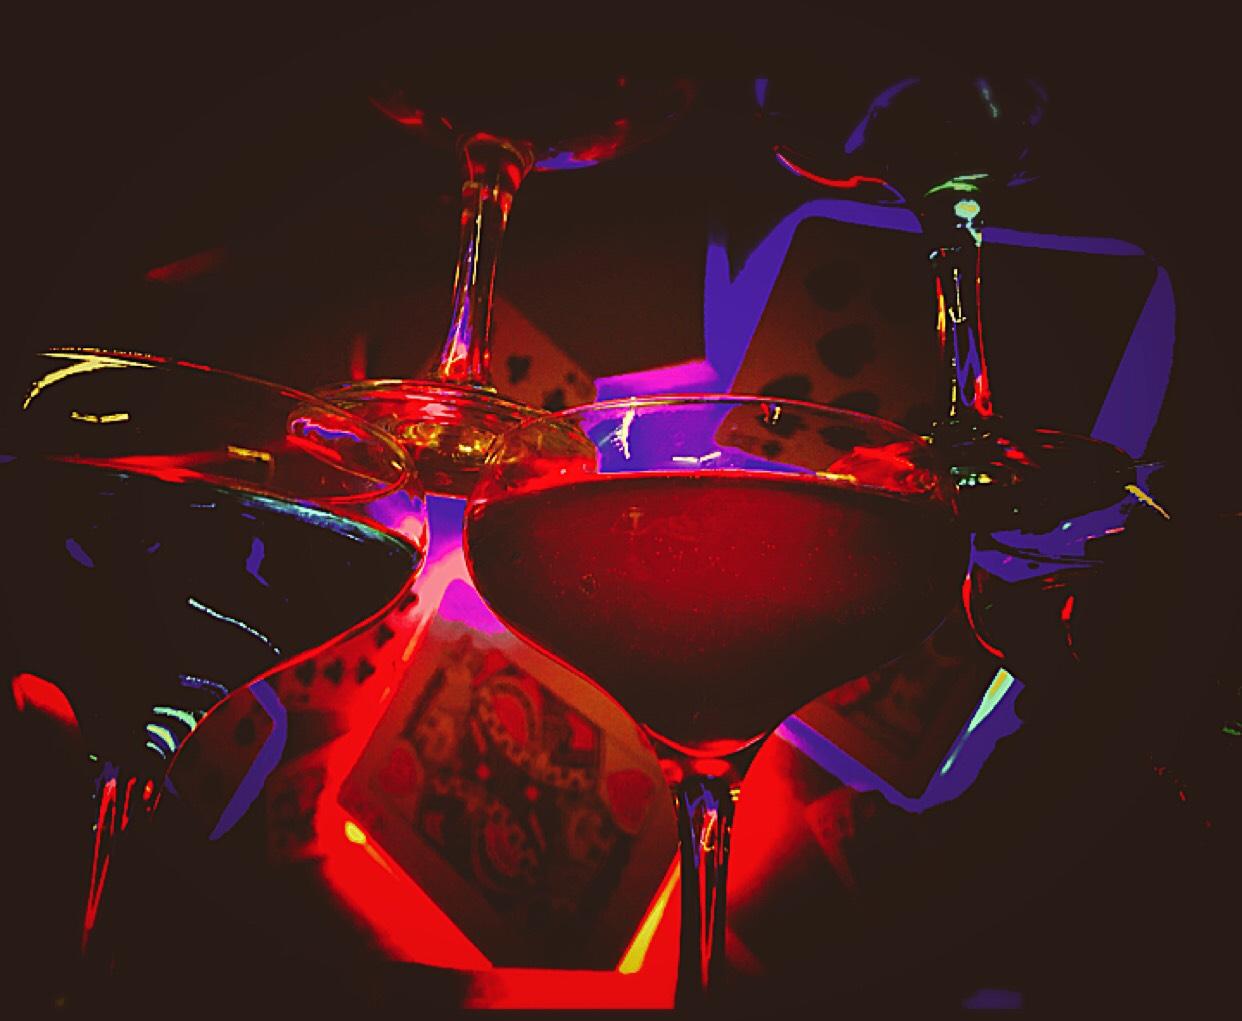 Август 2018 Smokeland,кальян недорого киев, Кальян-бар киев, кальян-бар Smokeland, кальянная в центре киева,кальян бар киев,киев кальян, где покурить кальян киев,кальян киев (9)